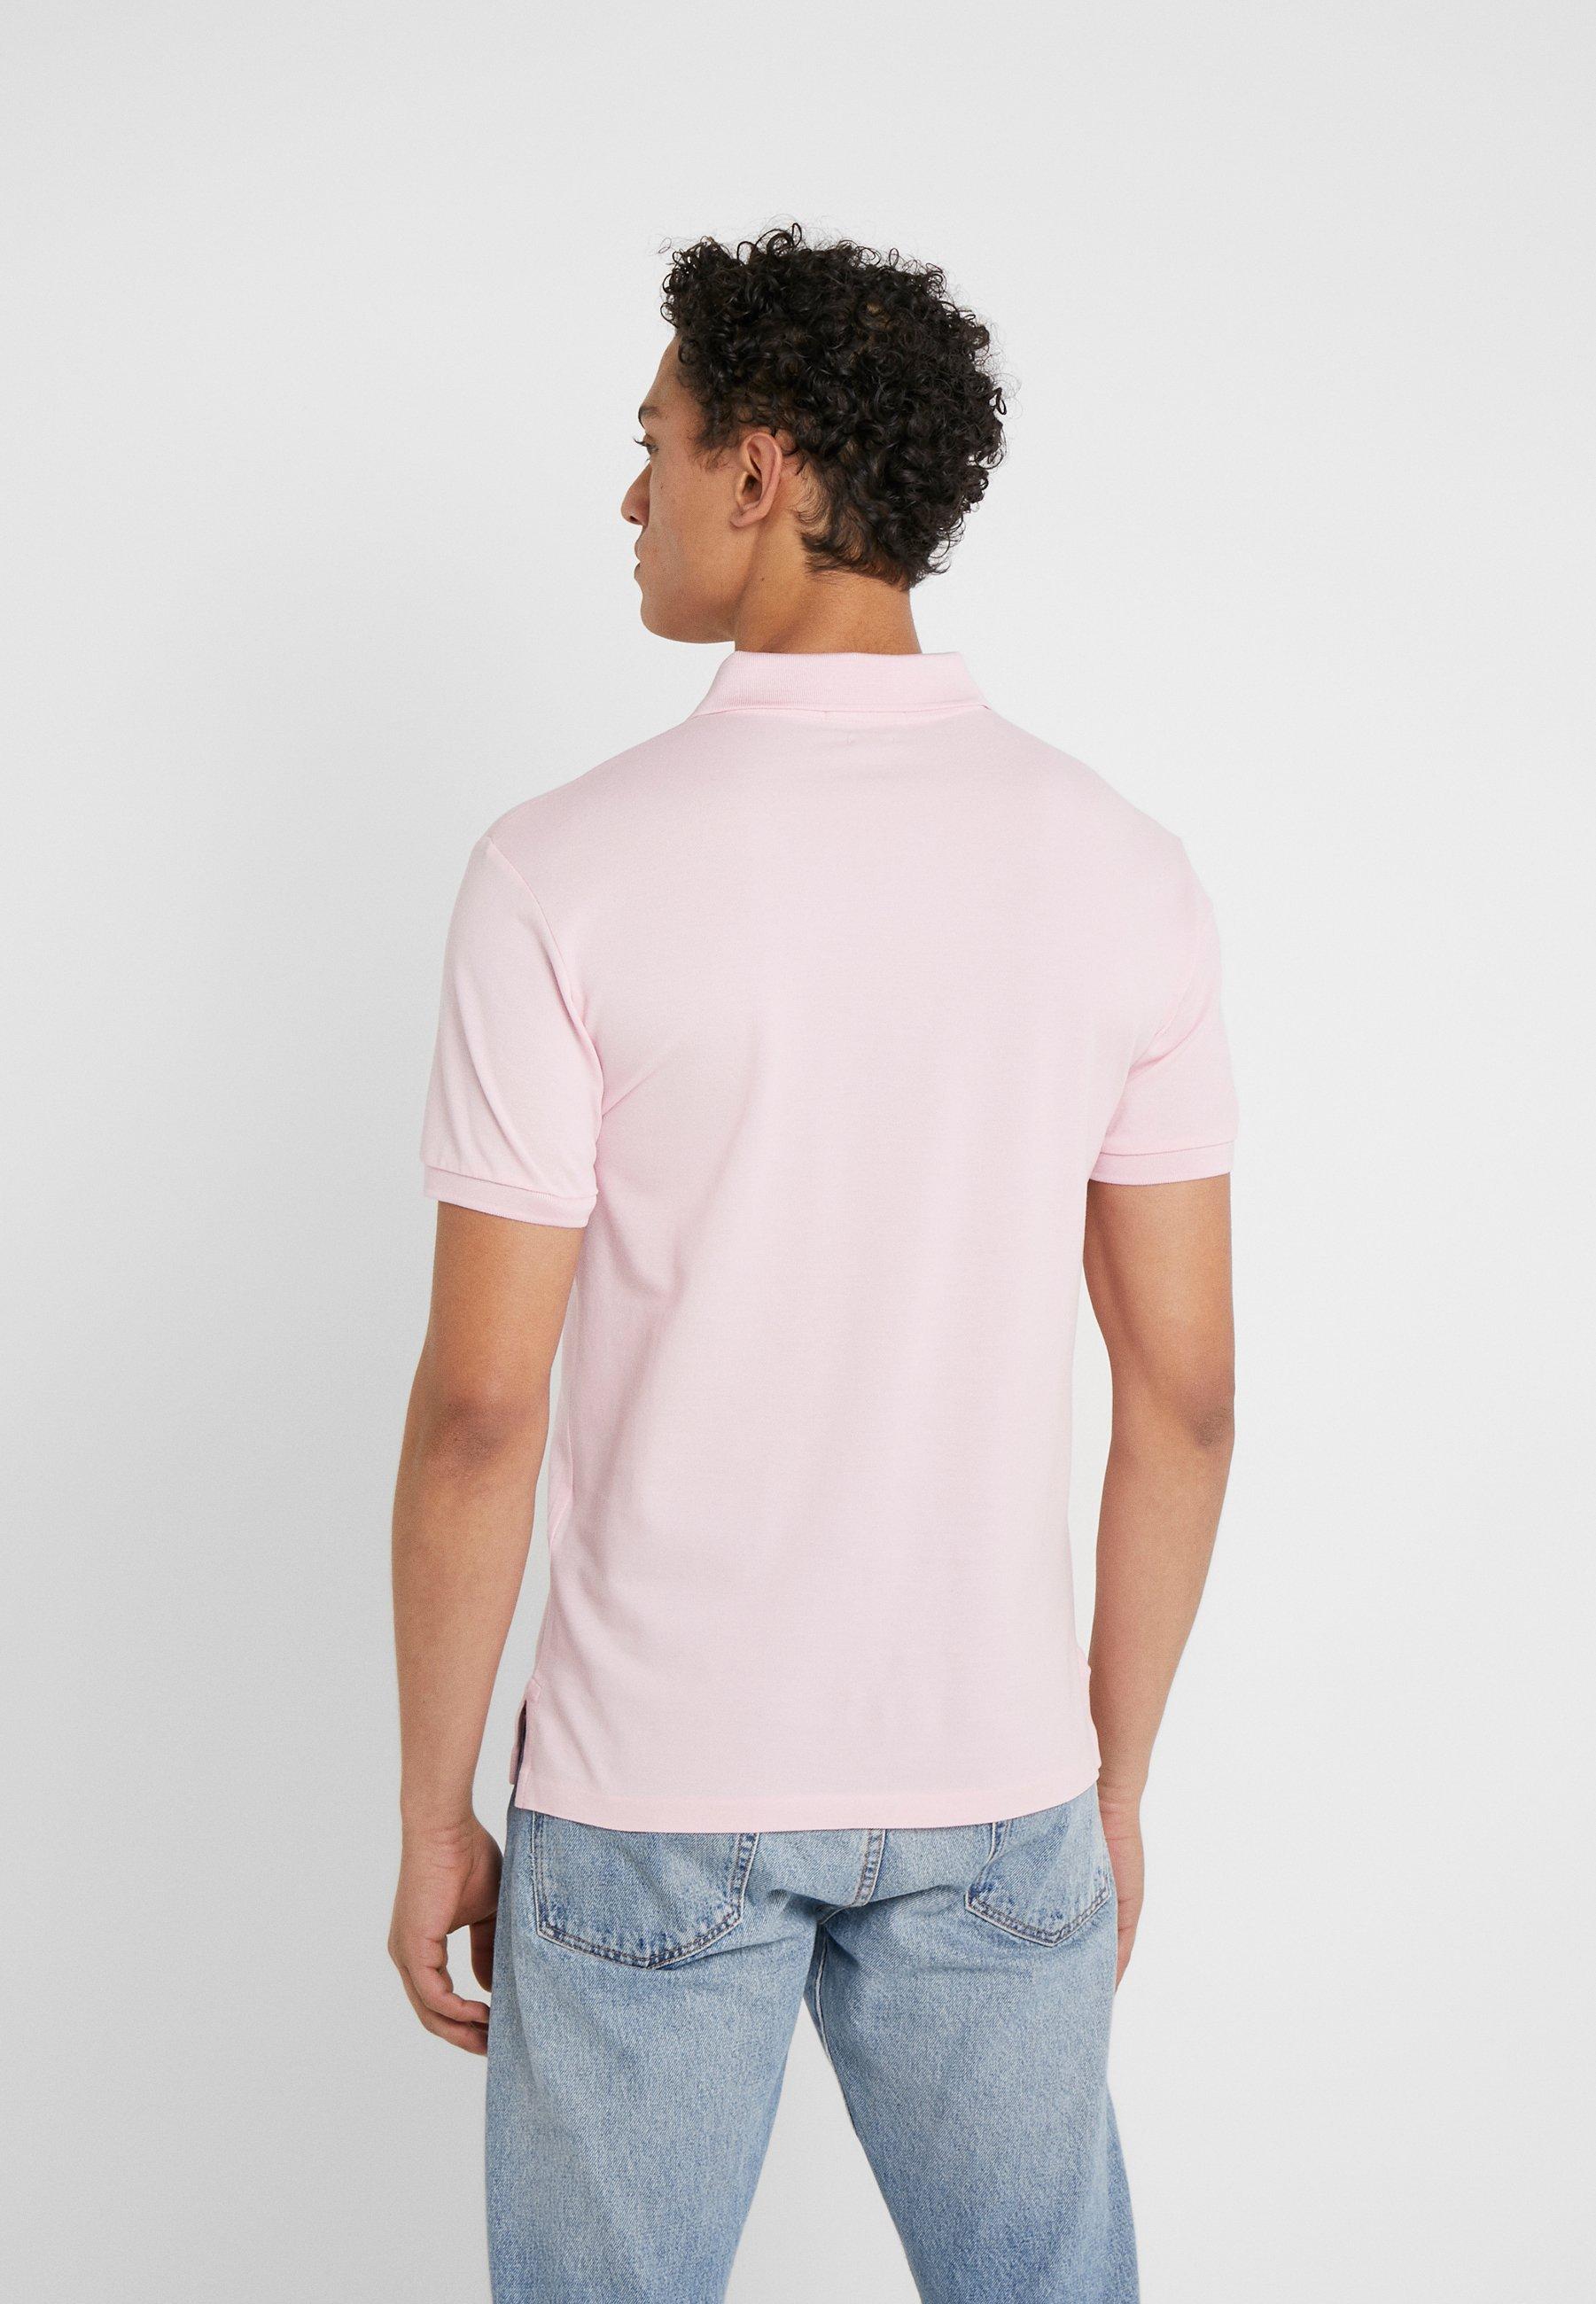 Yksinomainen Miesten vaatteet Sarja dfKJIUp97454sfGHYHD Polo Ralph Lauren SLIM FIT MODEL Pikeepaita garden pink